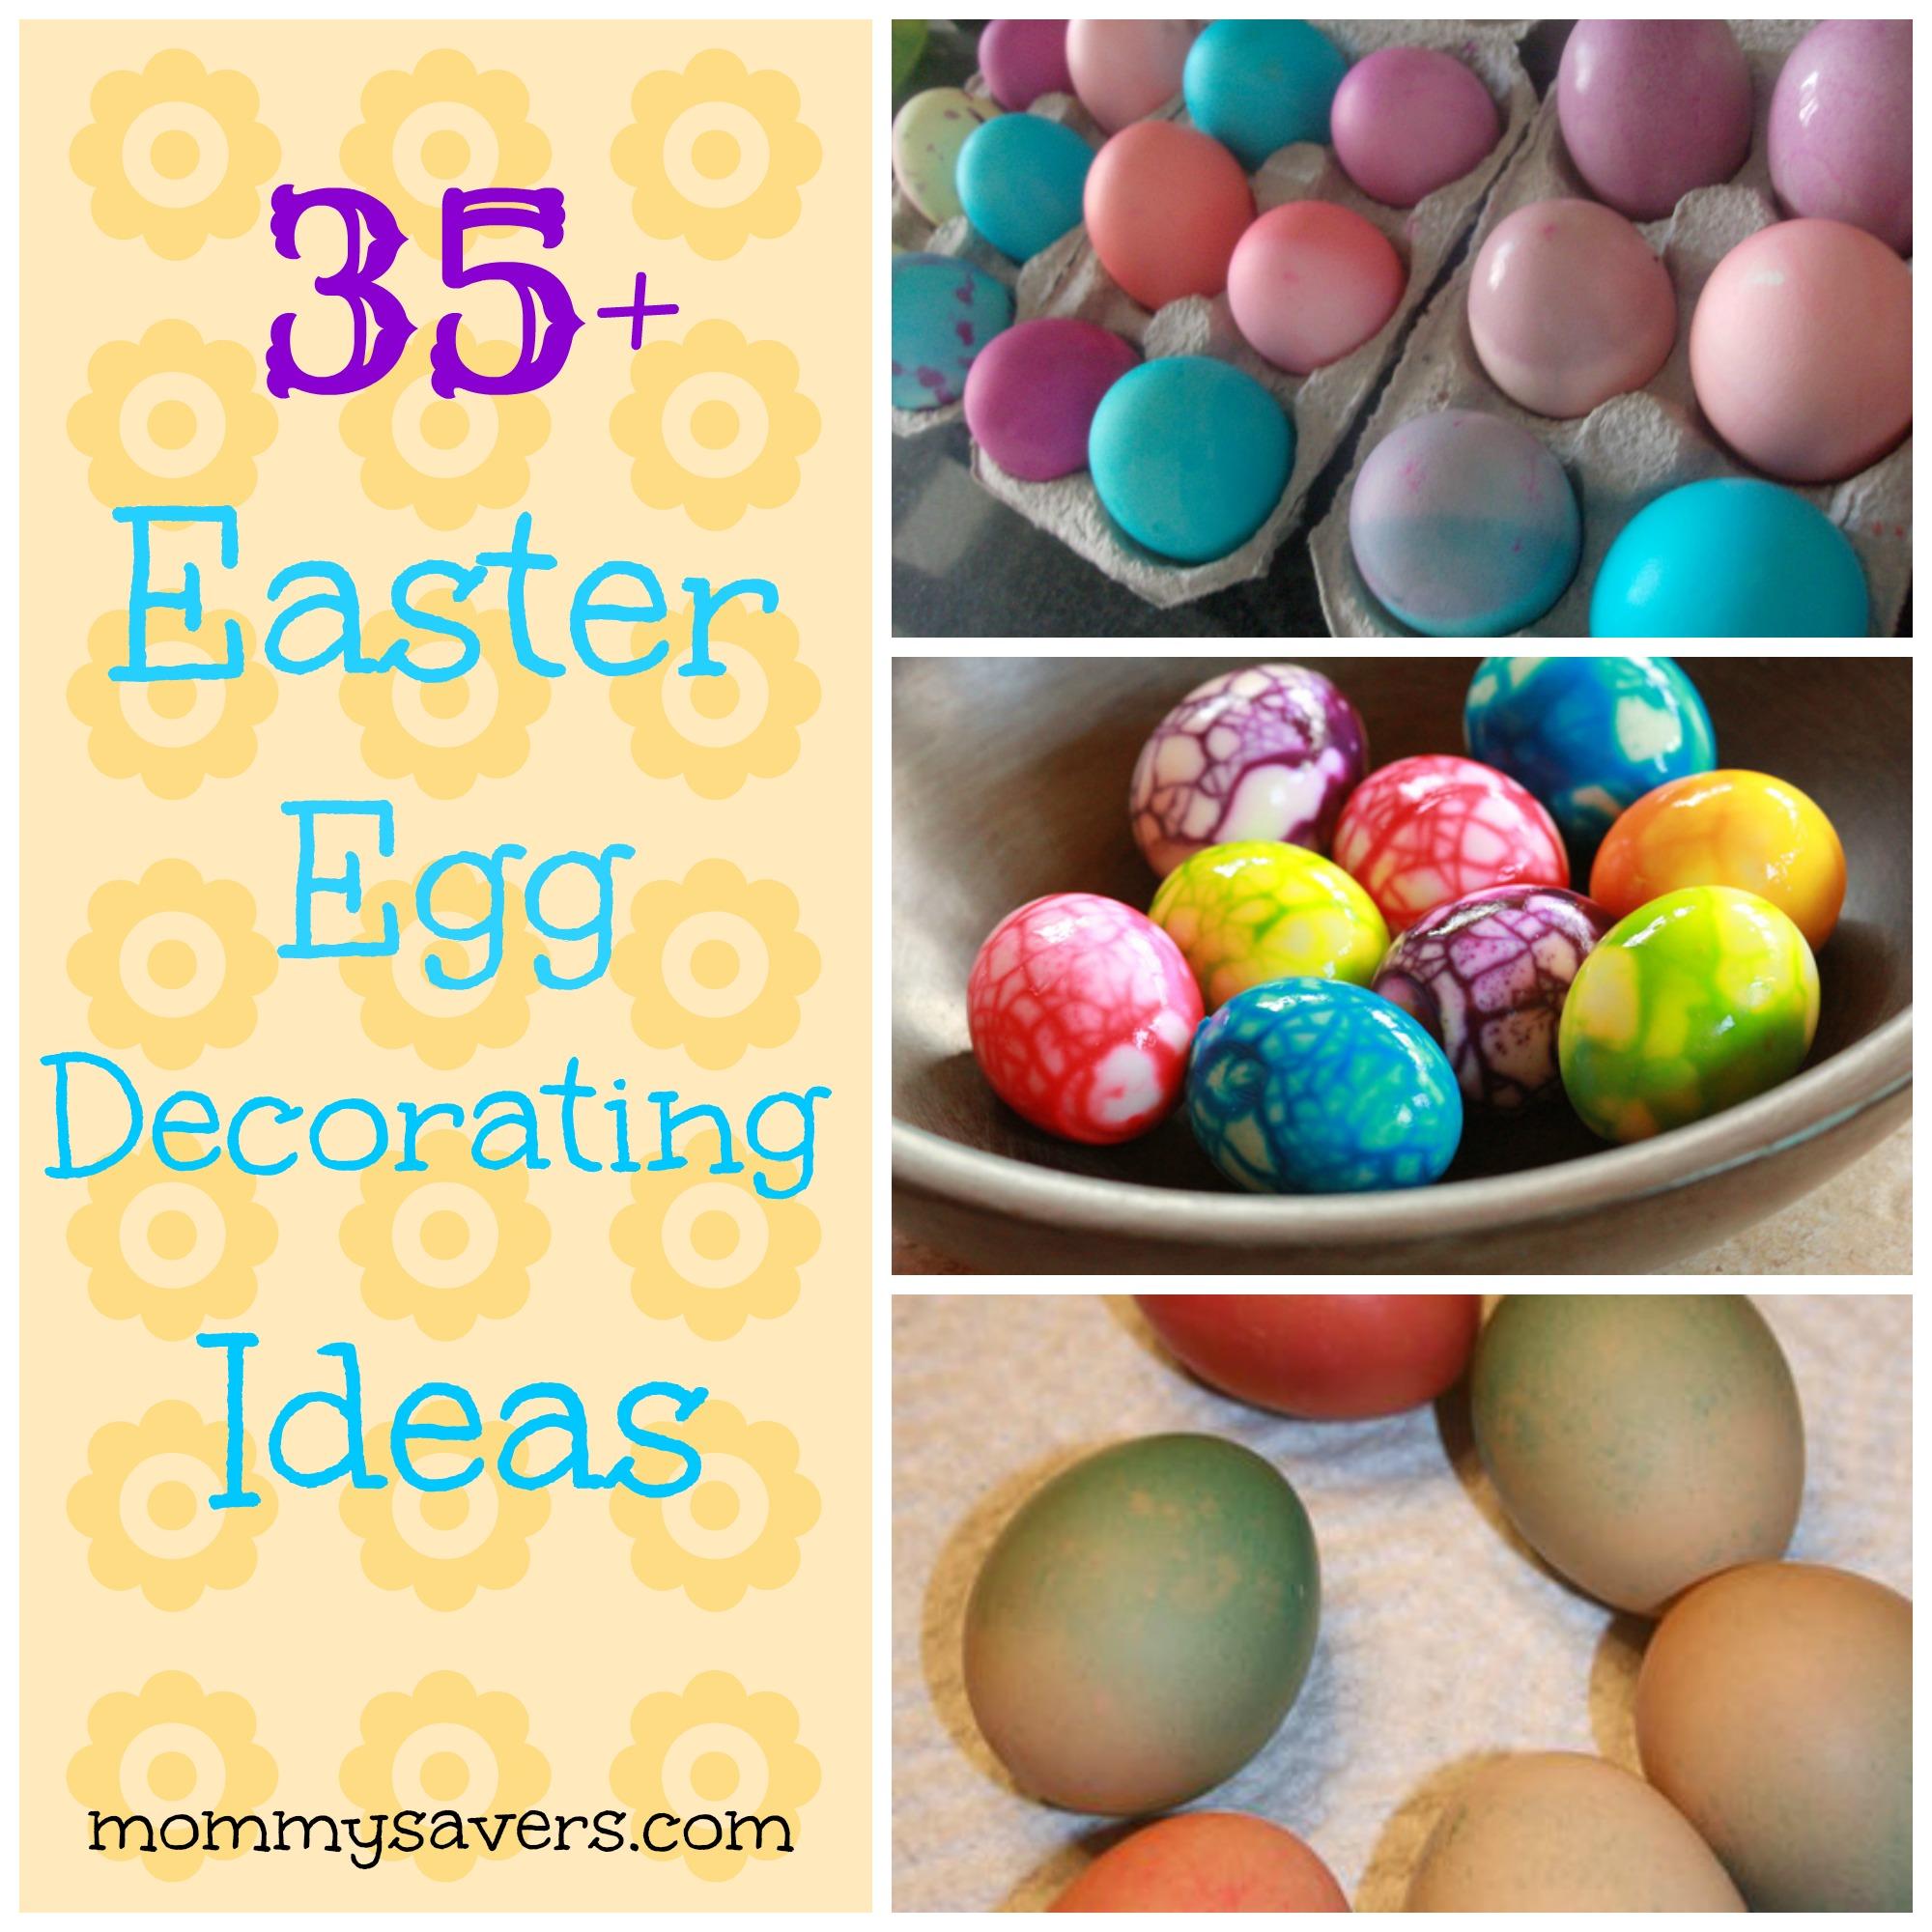 35 easter egg decorating ideas - Easter Egg Ideas